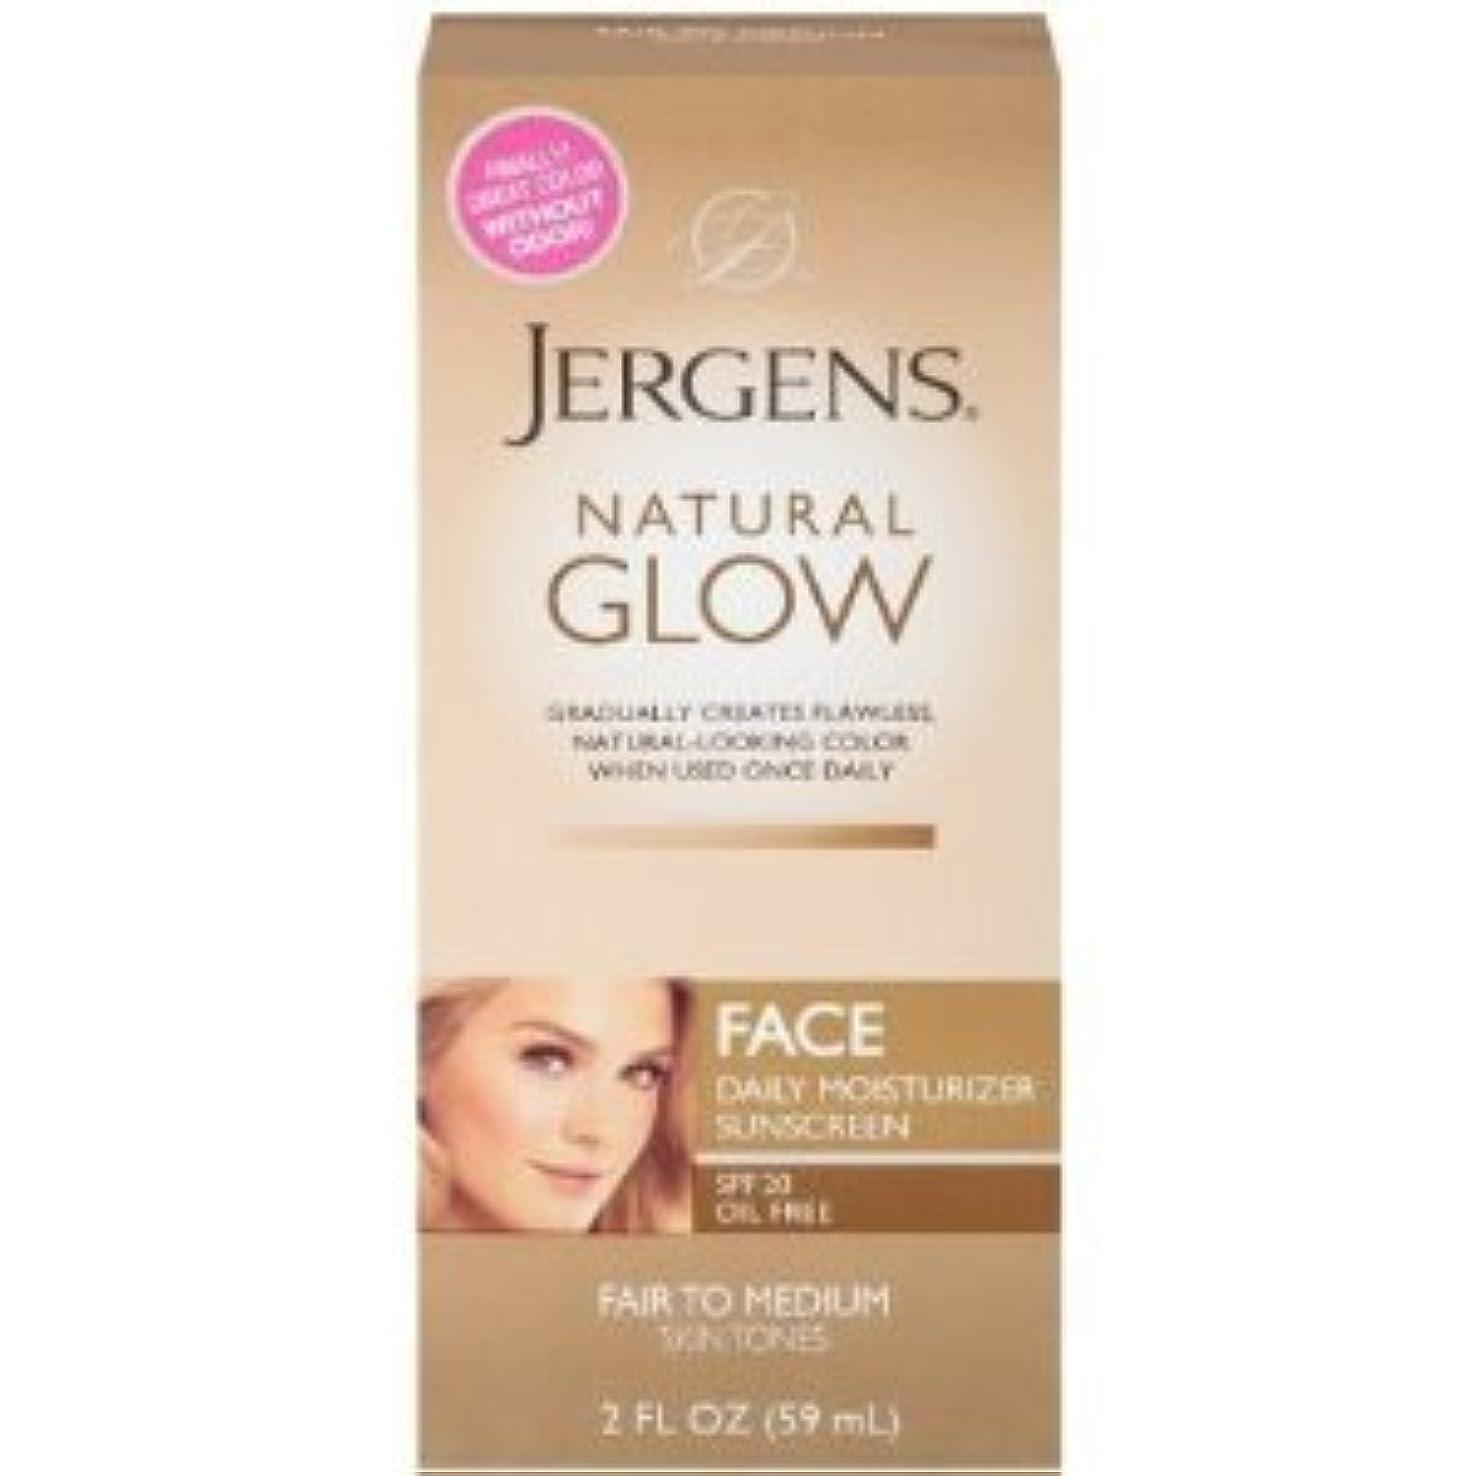 ビタミンブームハウスNatural Glow Healthy Complexion Daily Facial Moisturizer, SPF 20, Fair to Medium Tan, (59ml) (海外直送品)